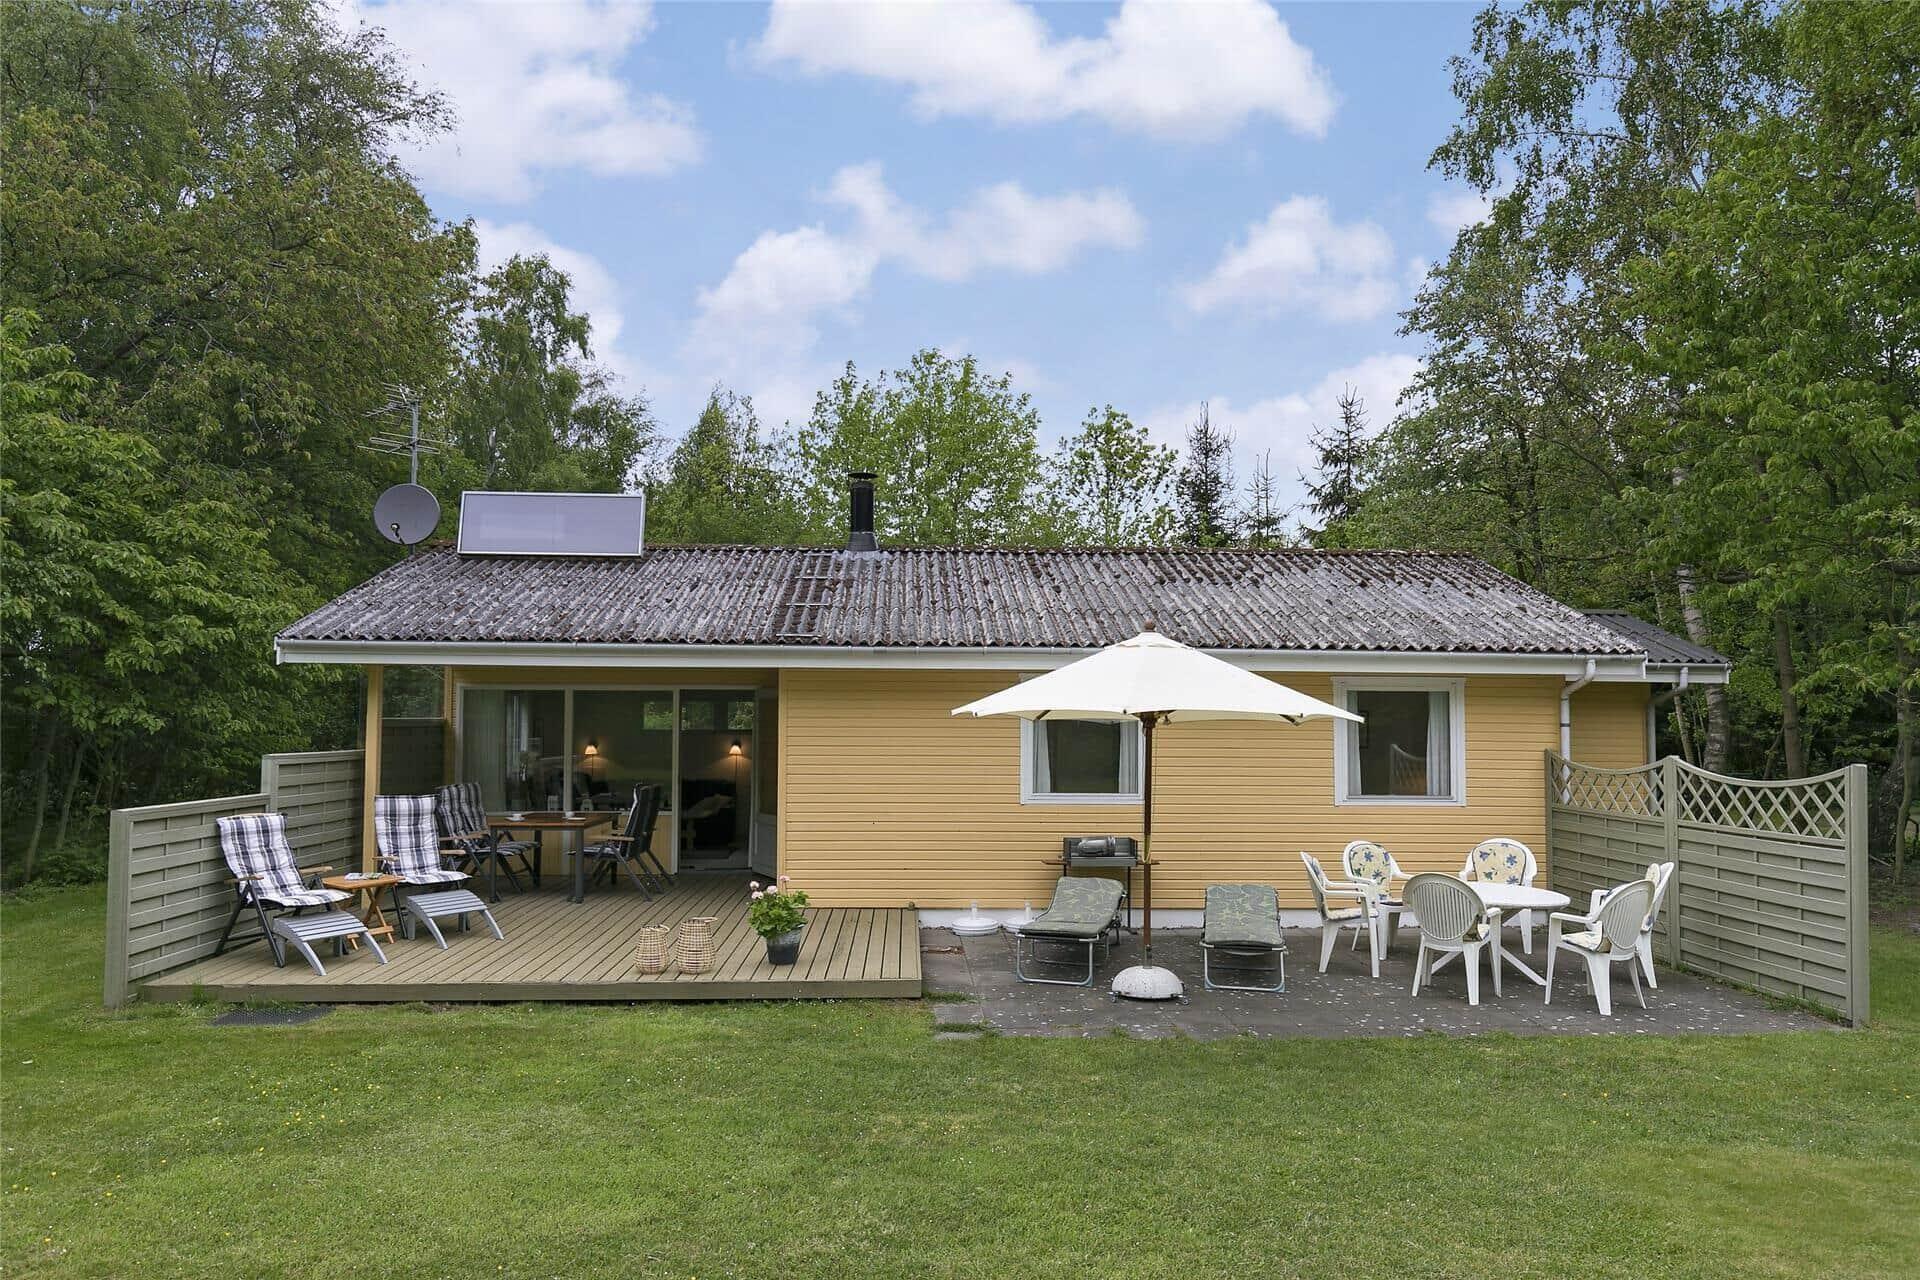 Billede 1-10 Sommerhus 2514, Margrethevej 3, DK - 3730 Nexø